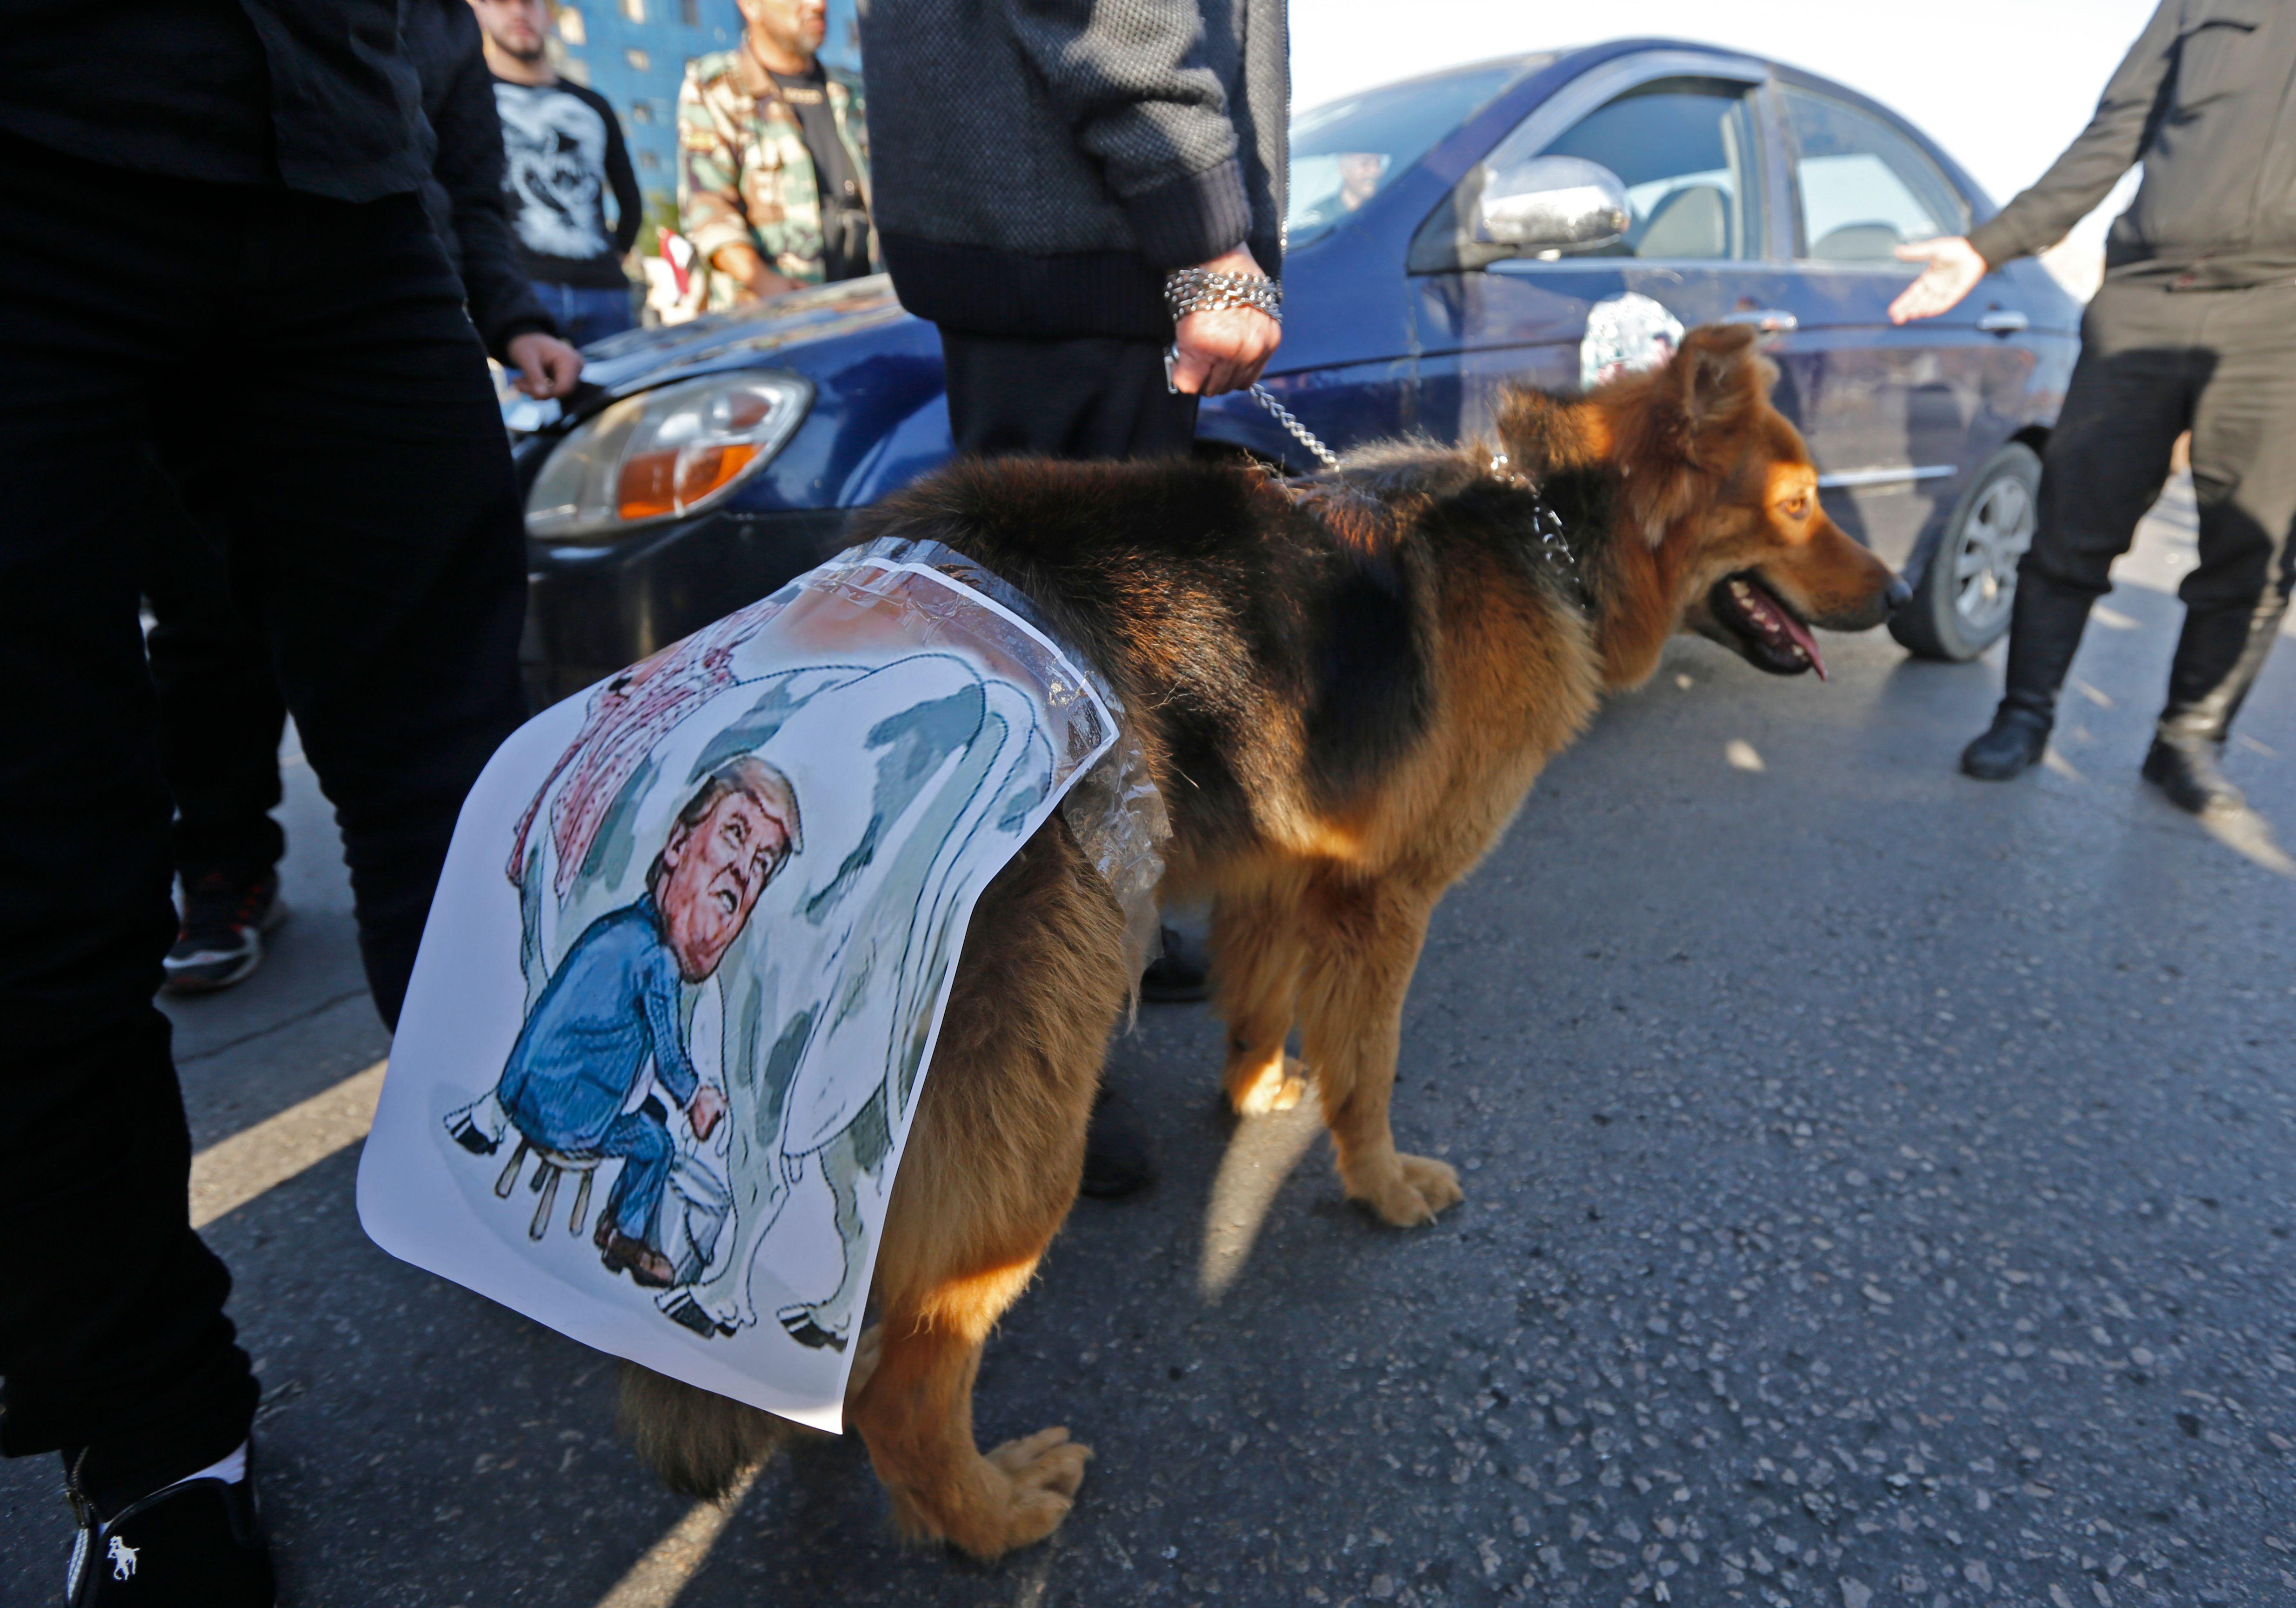 وضع صورة الرئيس الأمريكى على كلب